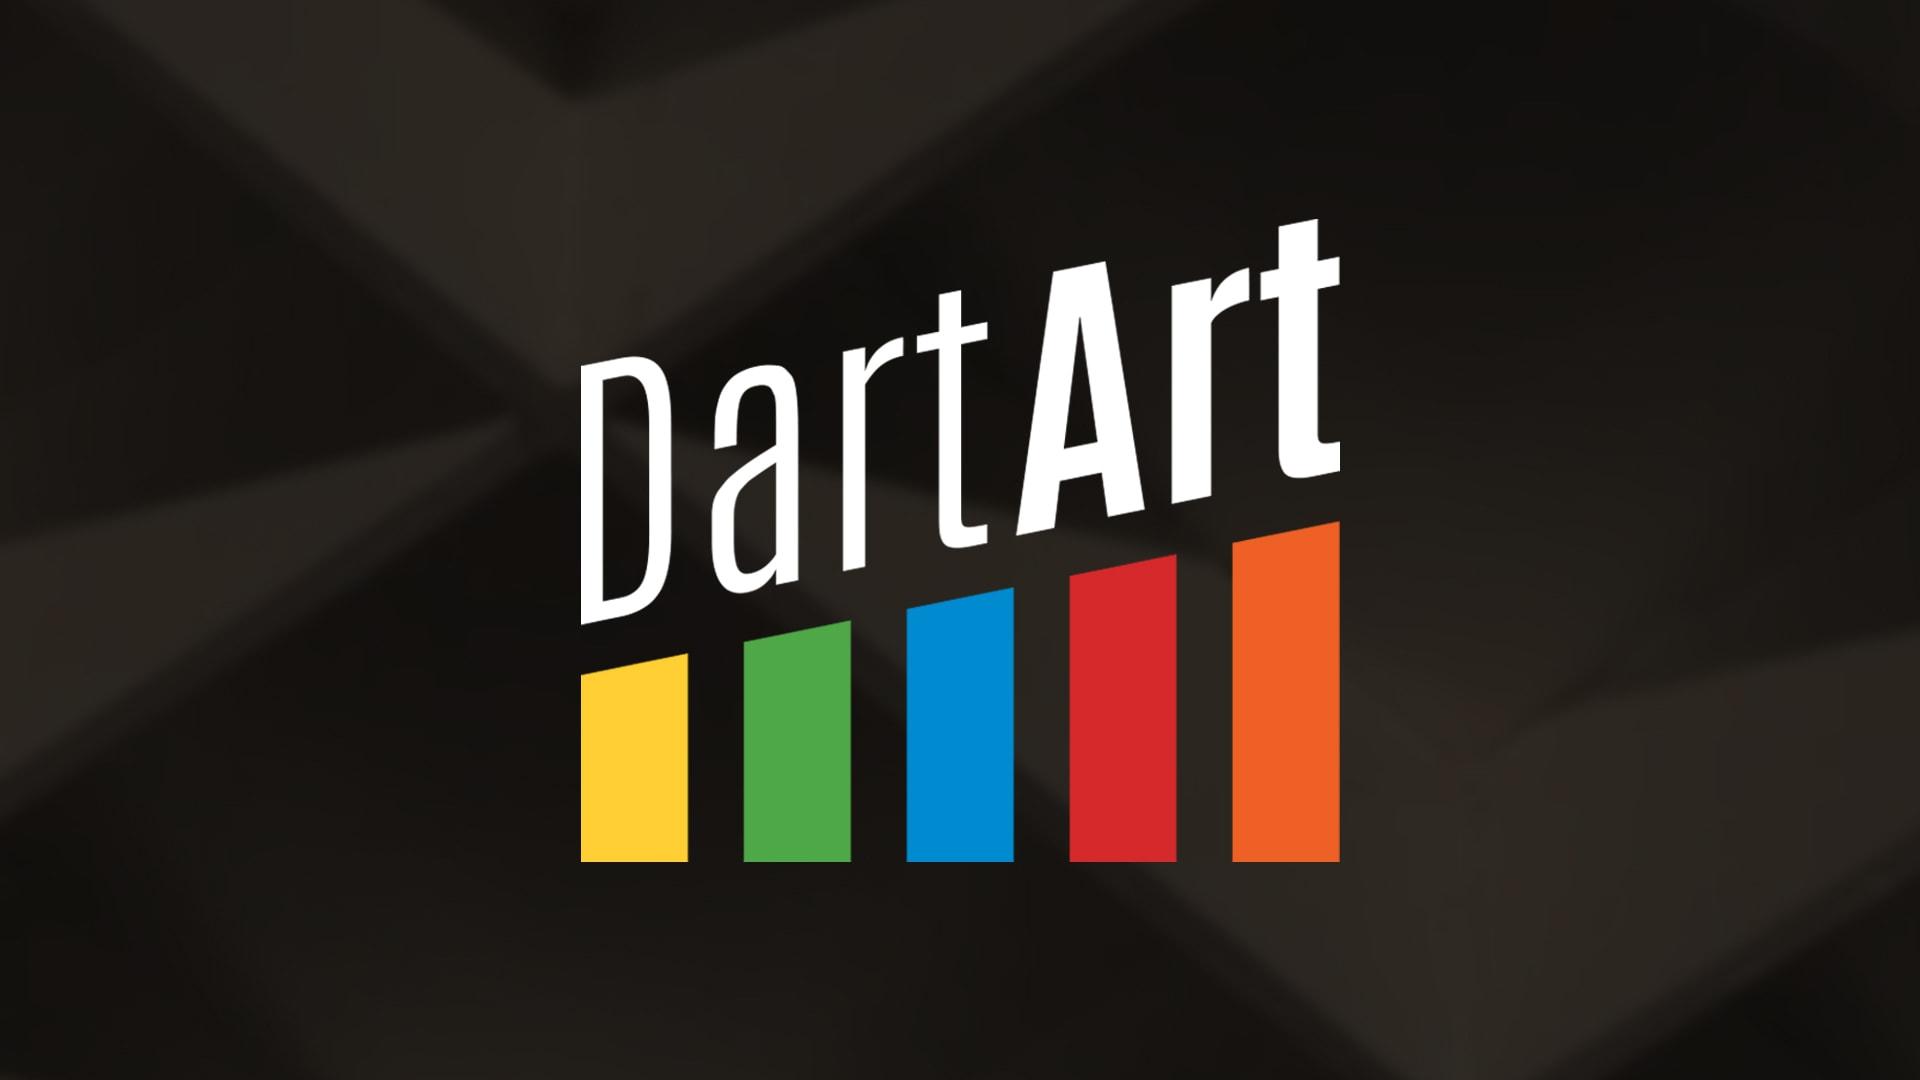 Dartart Video Series Logo Fw